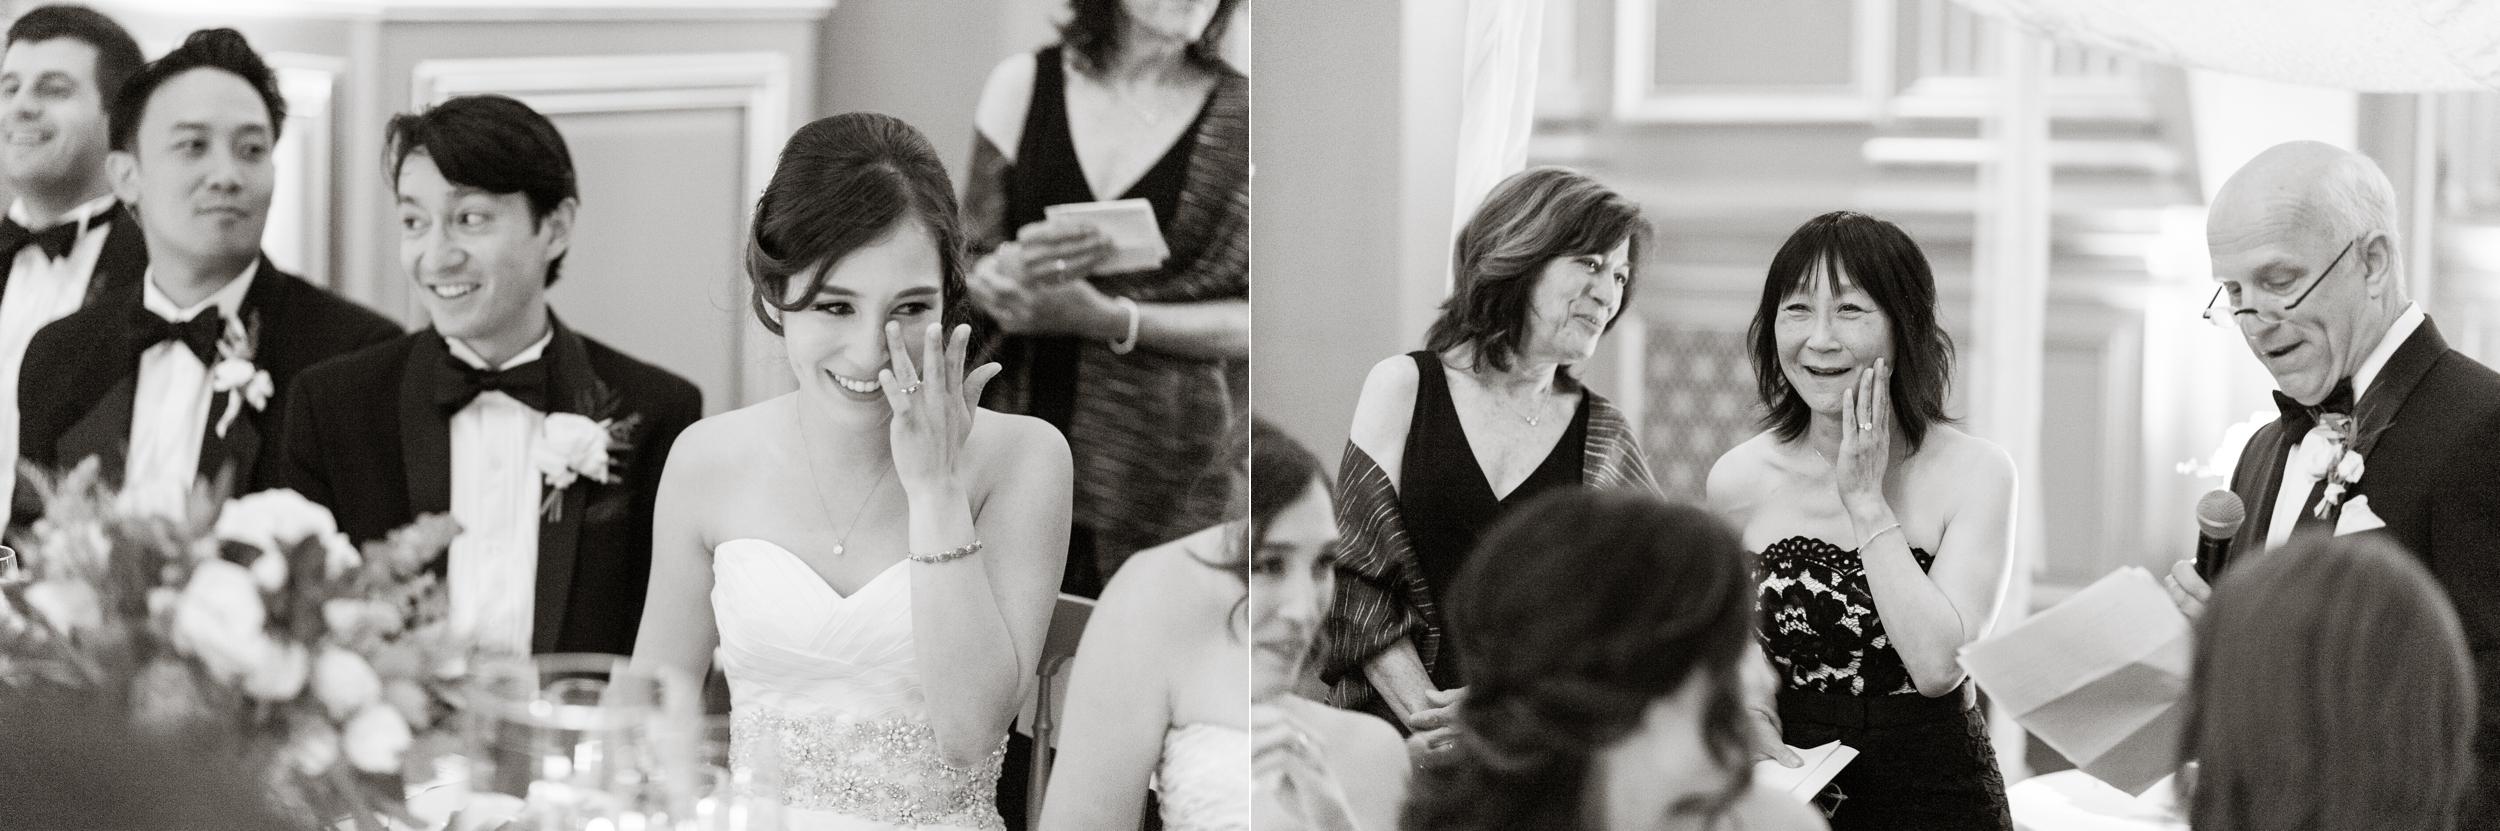 53san-francisco-green-room-wedding-photographer-vivianchen.jpg